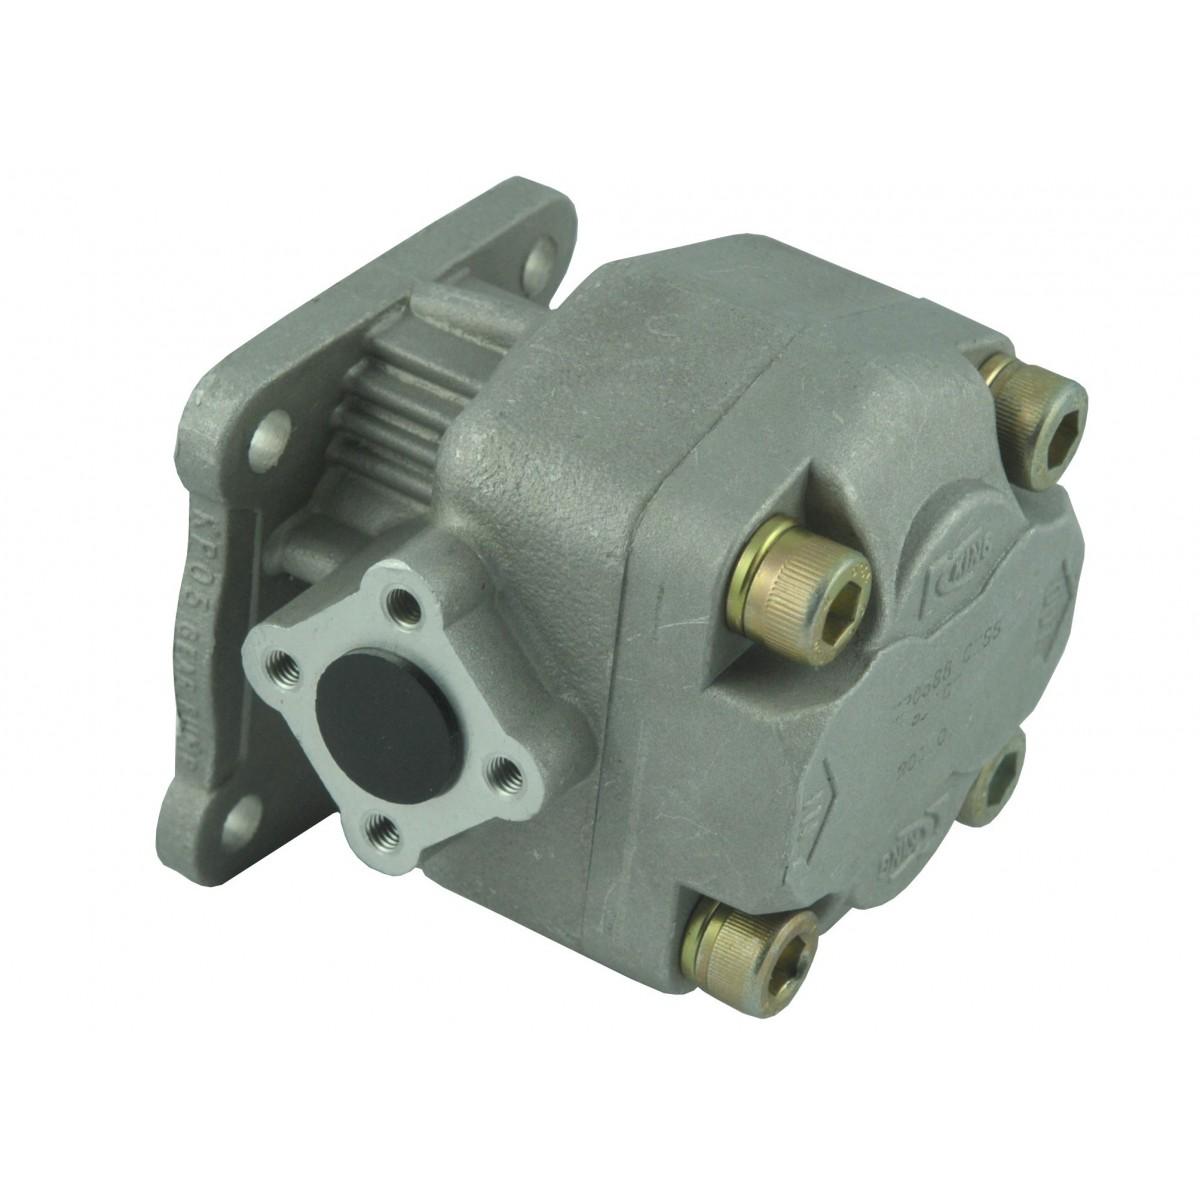 Pompa Hydrauliczna Kubota L1802-L2002-L2202, płaski wał